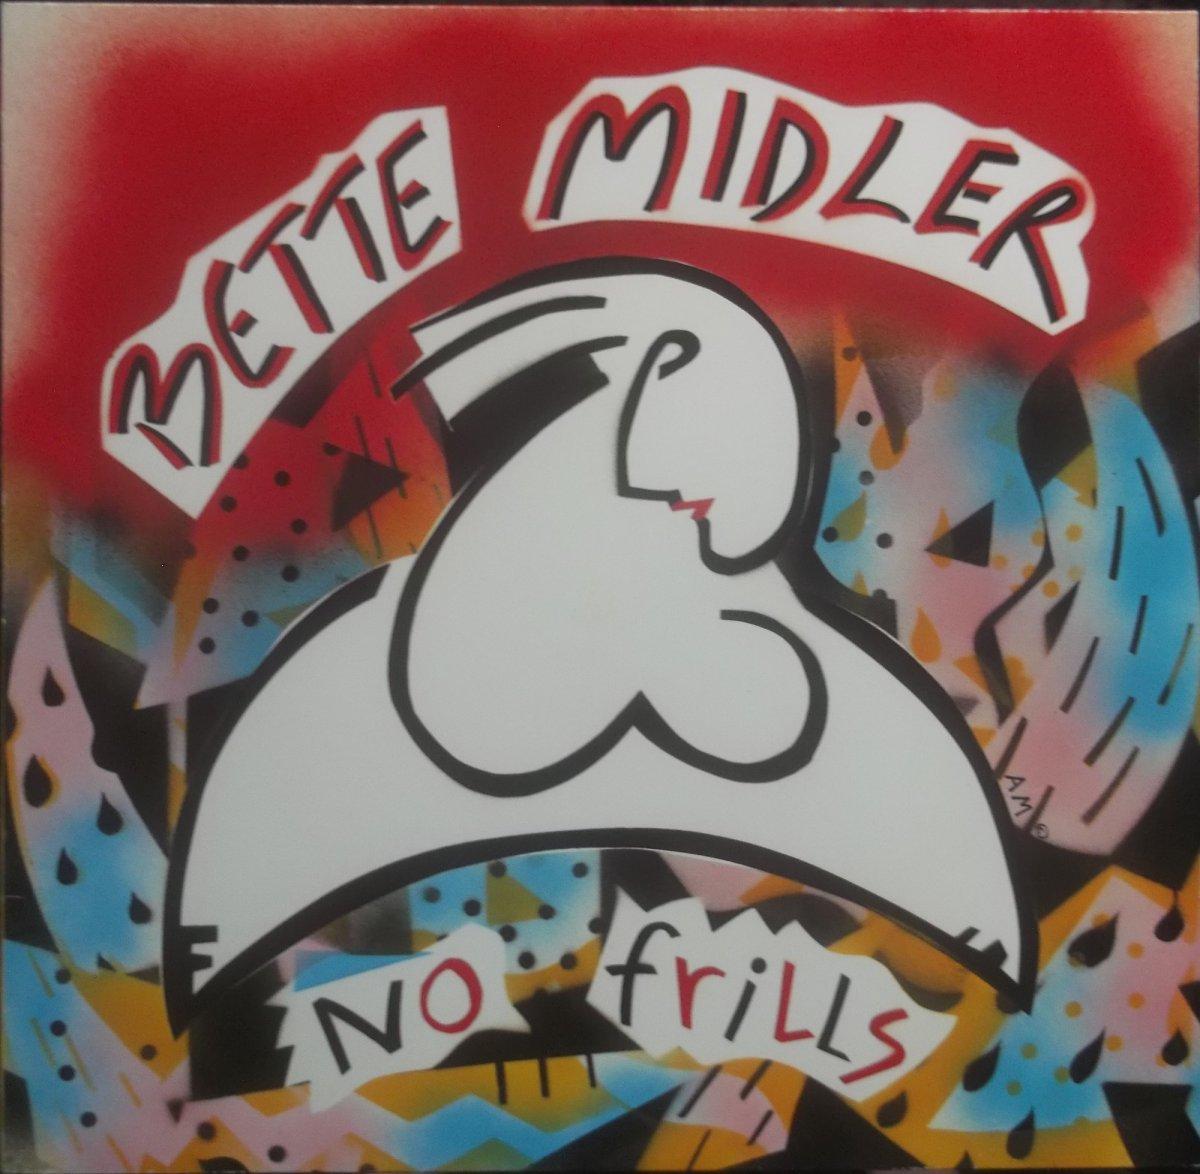 Bette Midler – No Frills